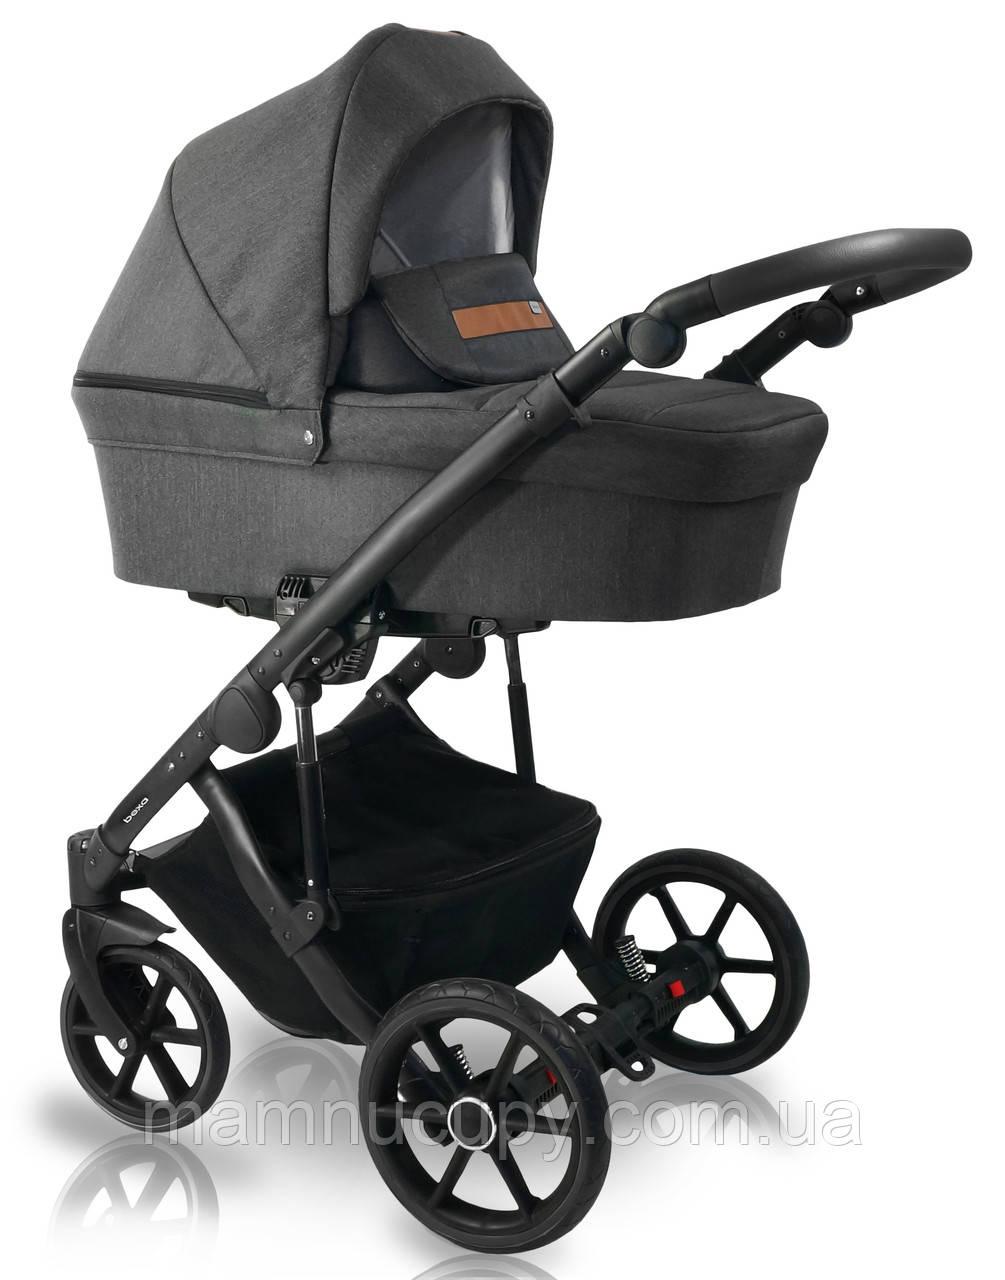 Детская универсальная детская коляска 2 в 1 Bexa Line 2.0 L5 (бекса лайн)